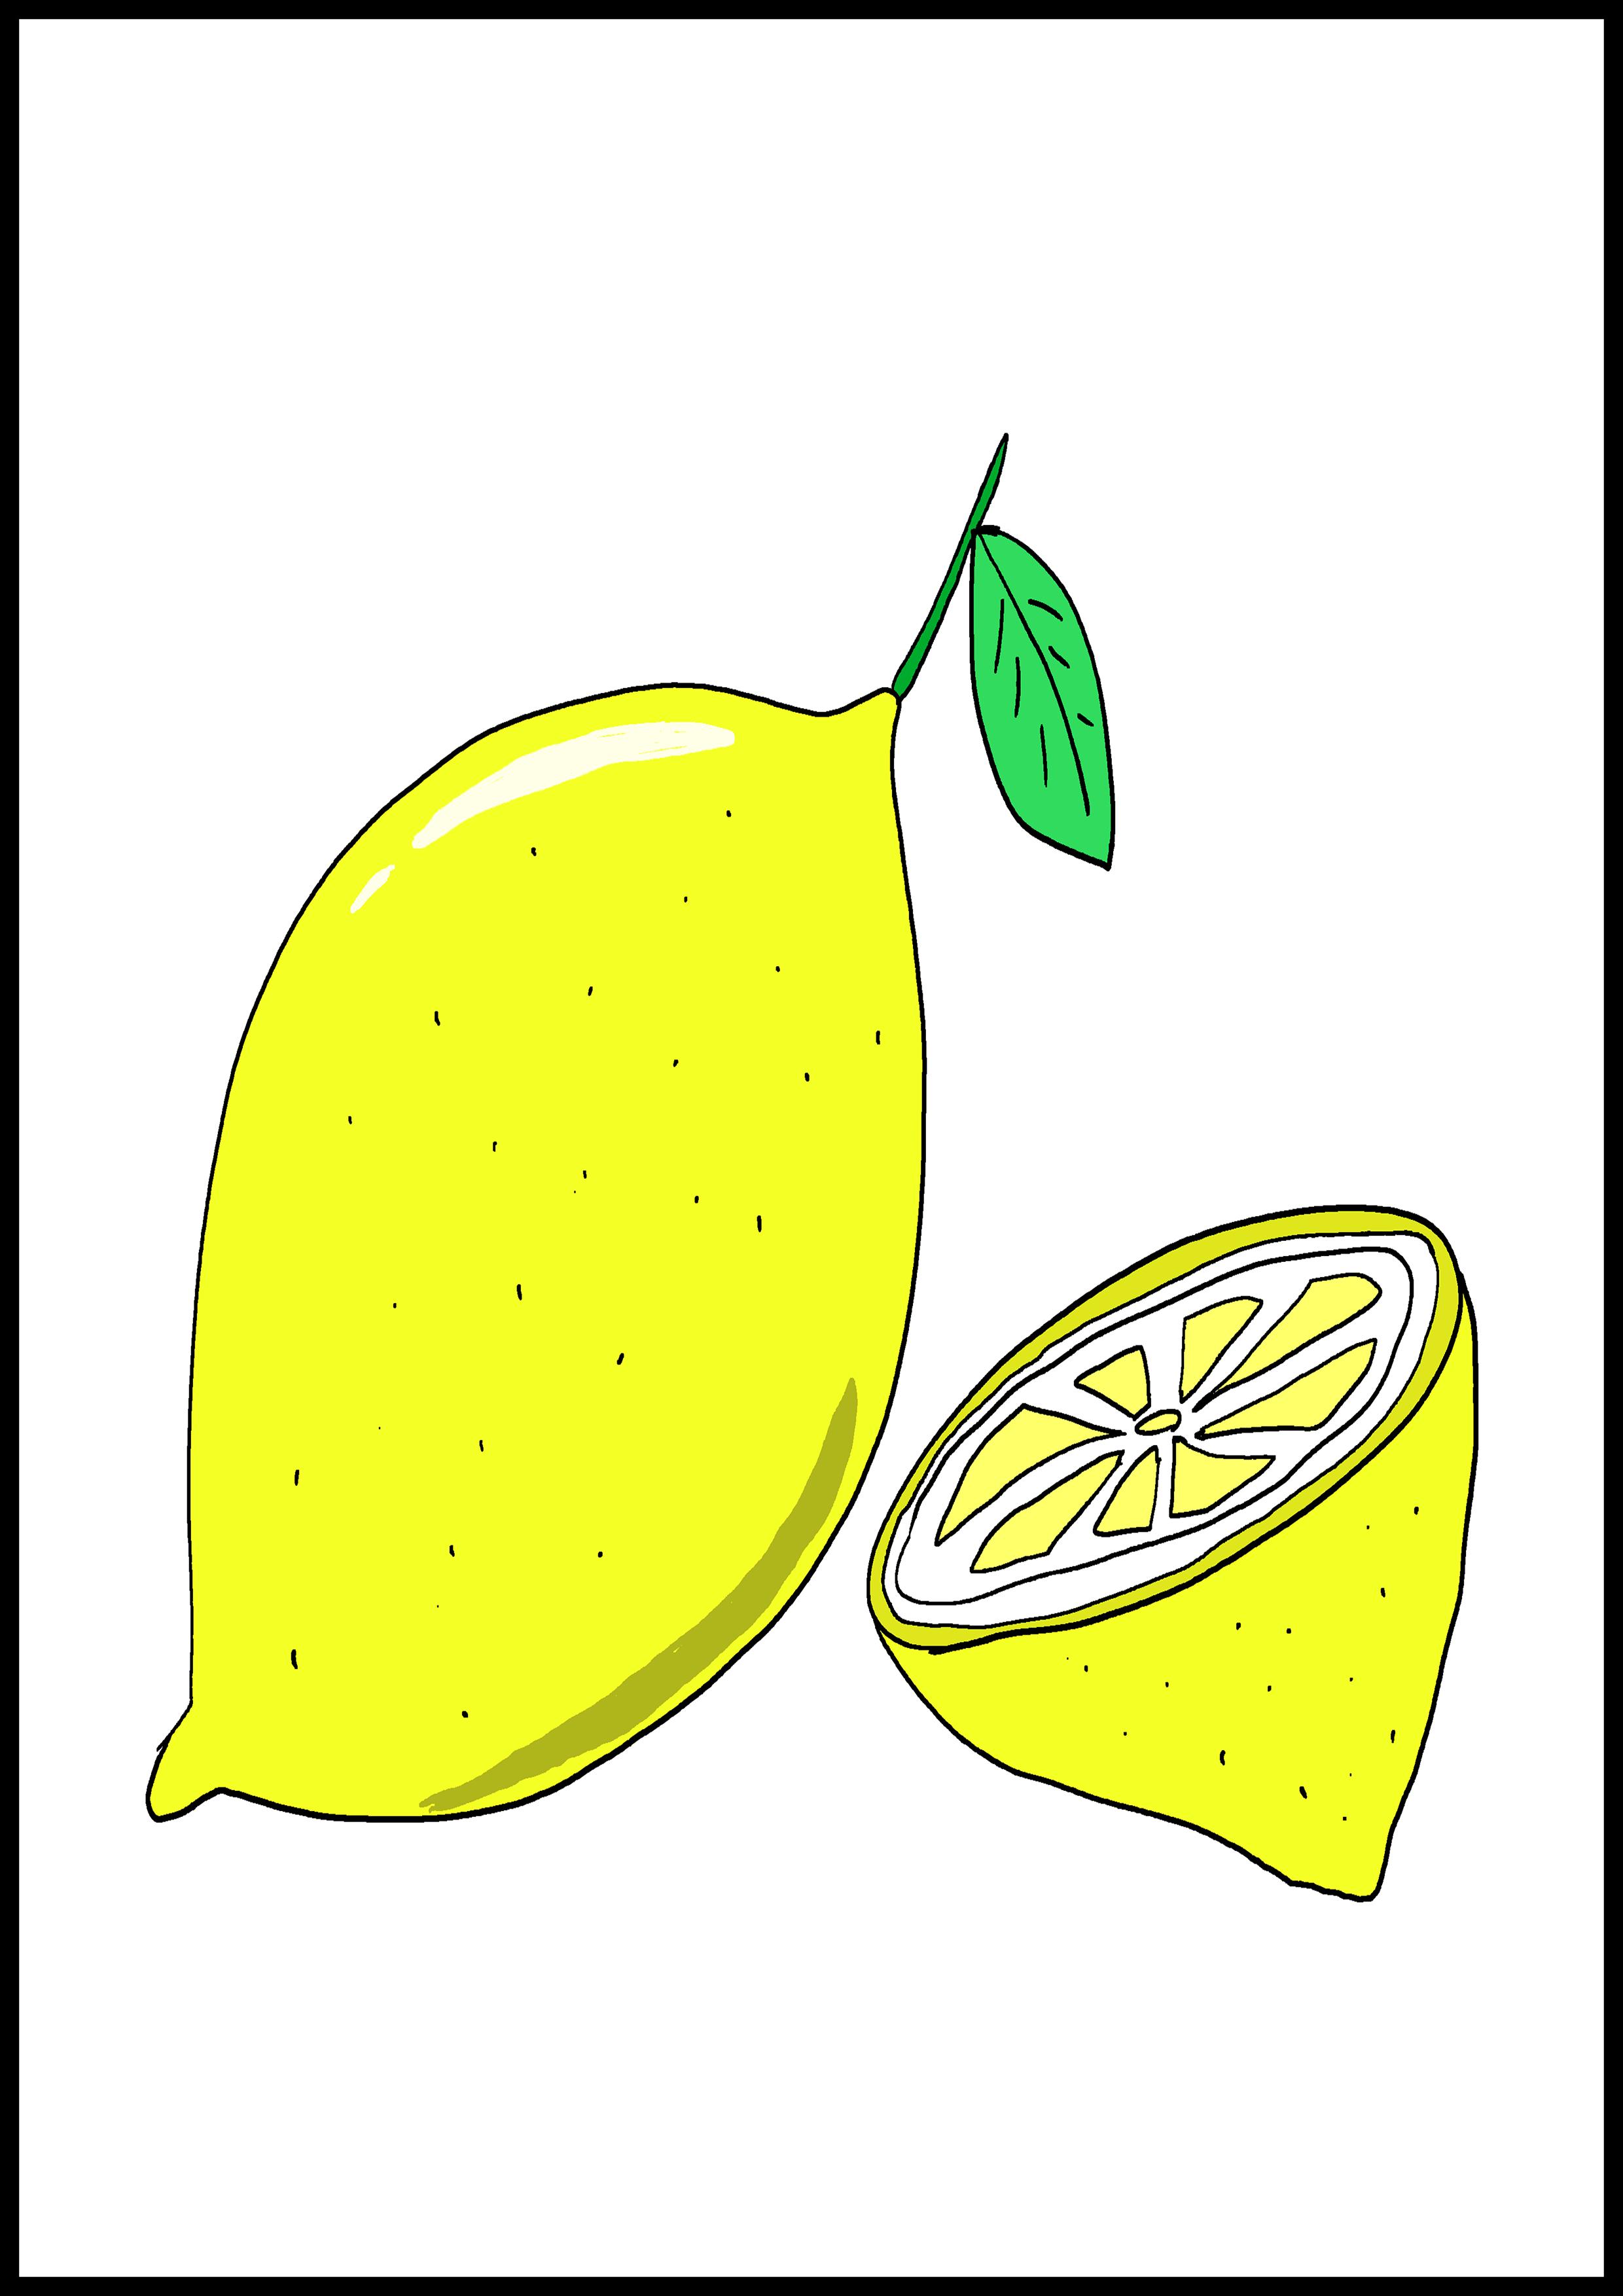 カルタイラスト【レモン】